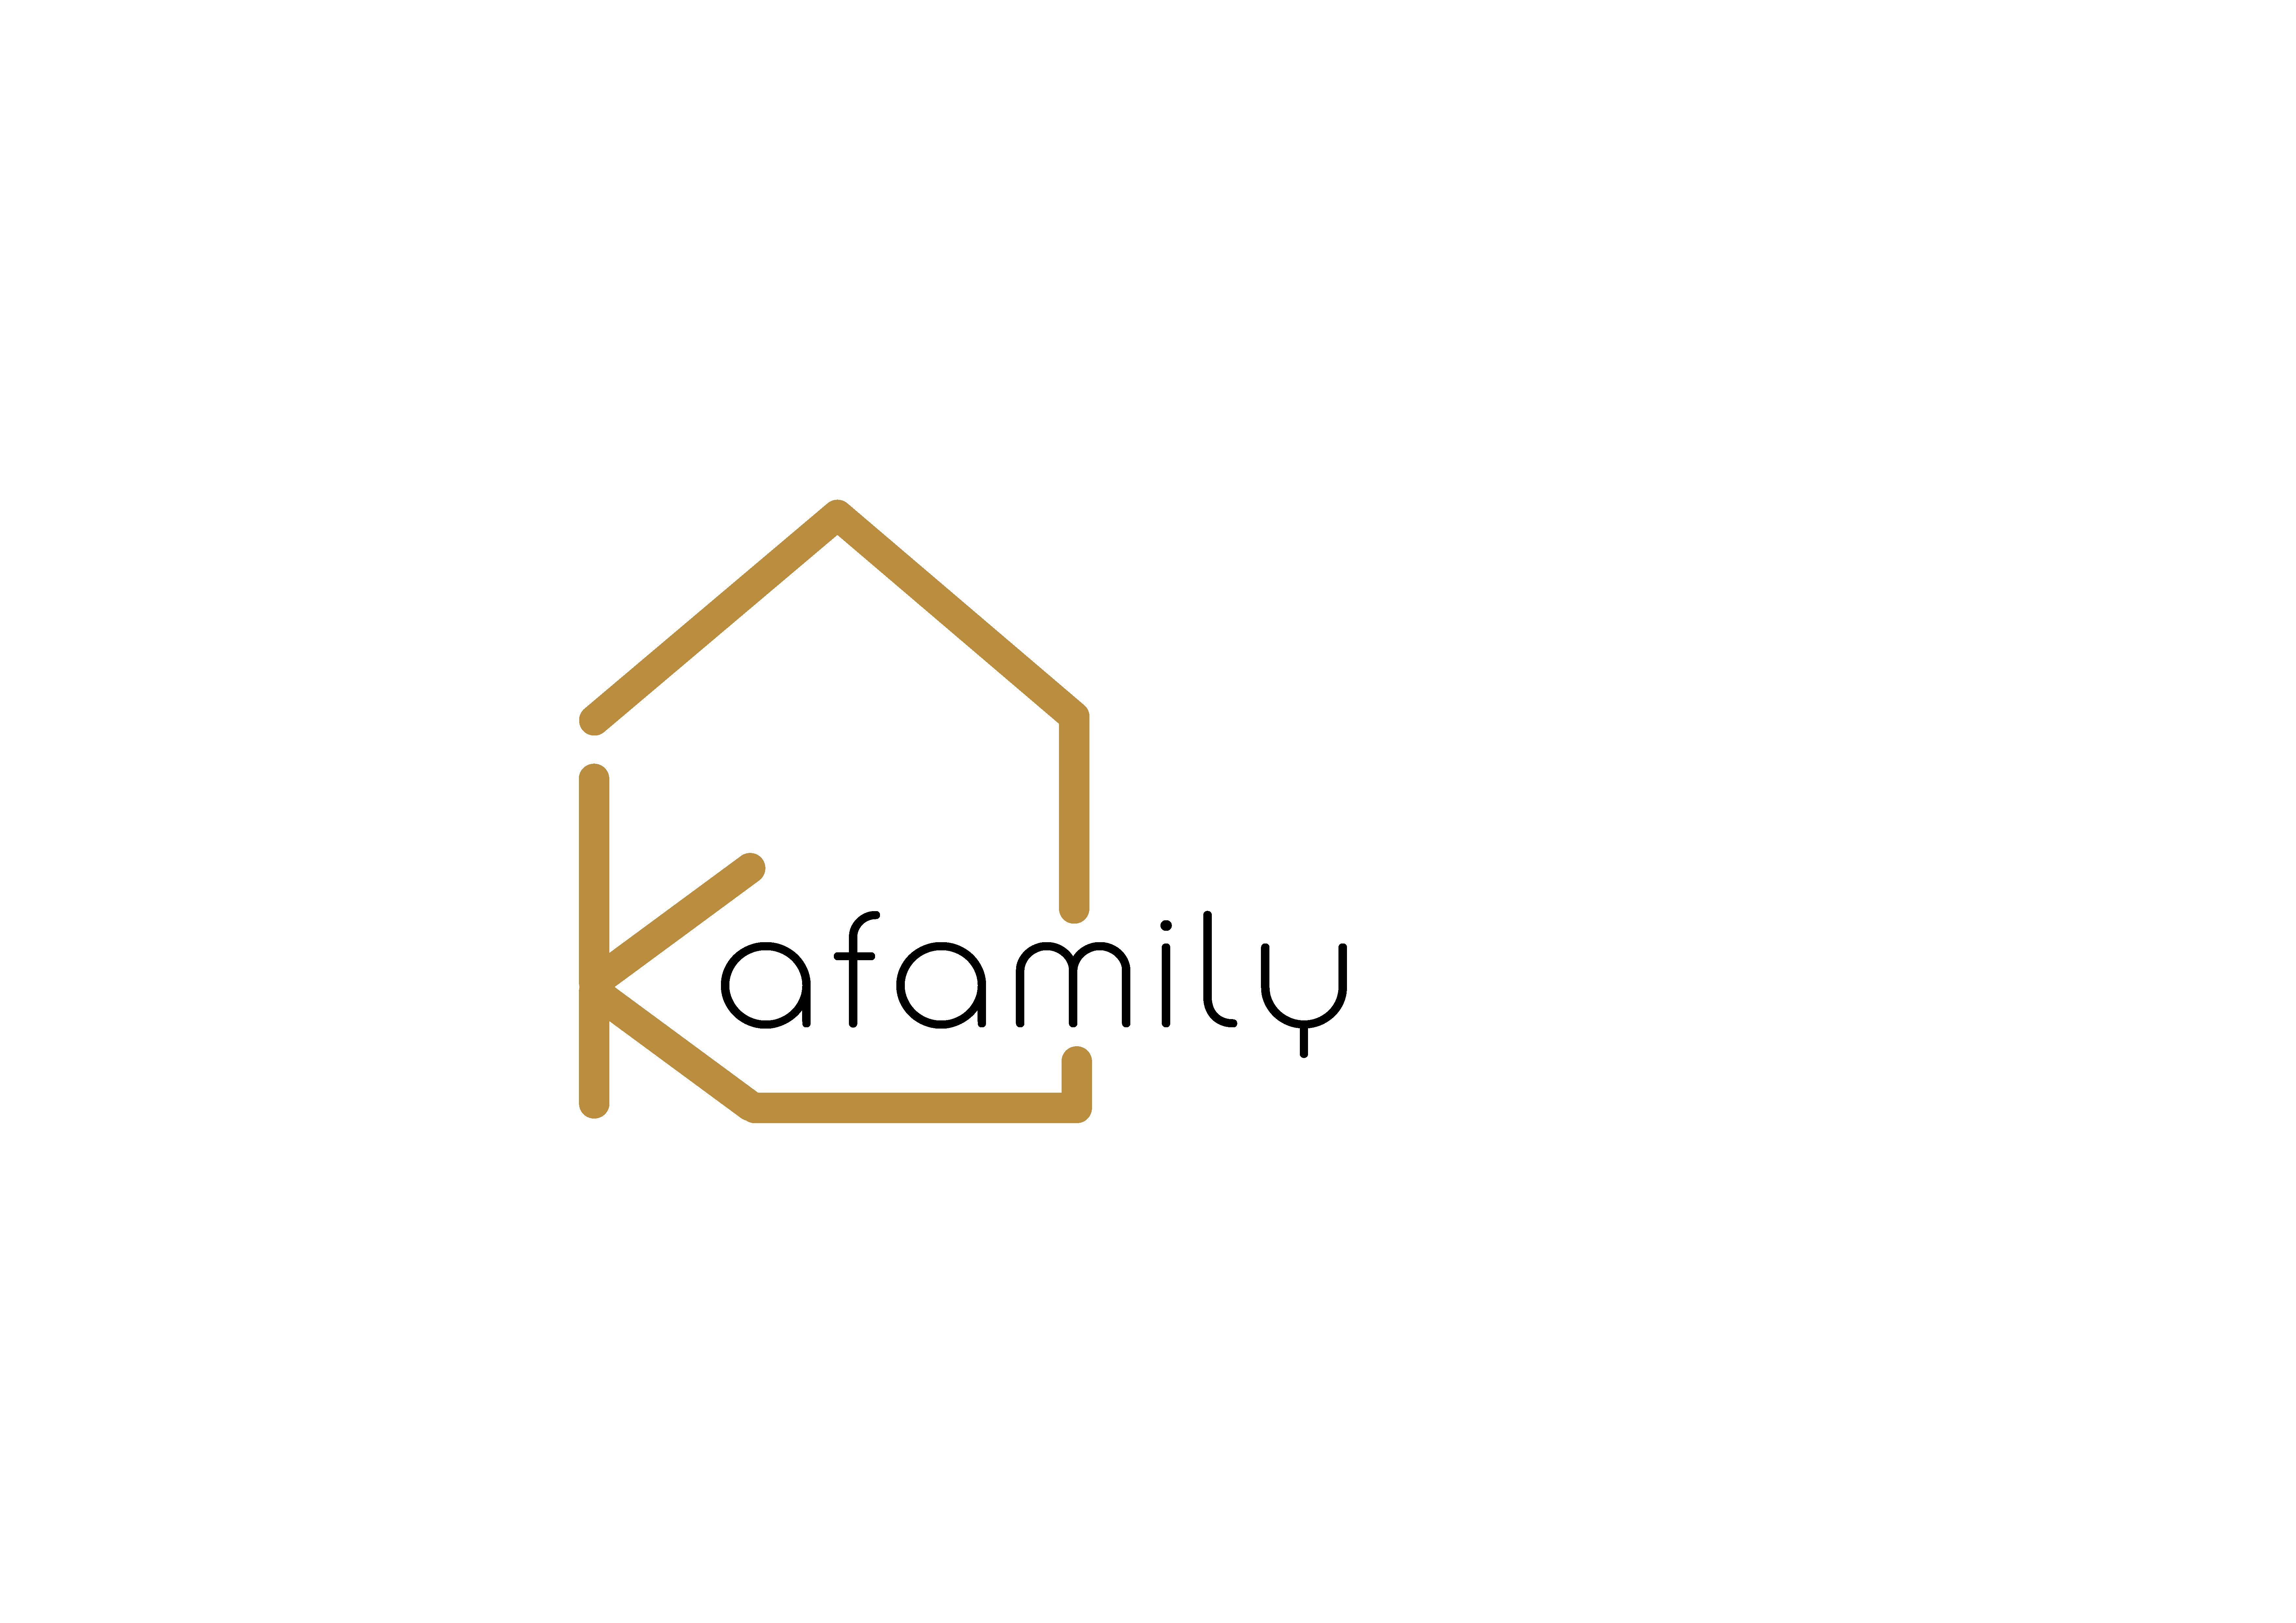 Kafamily